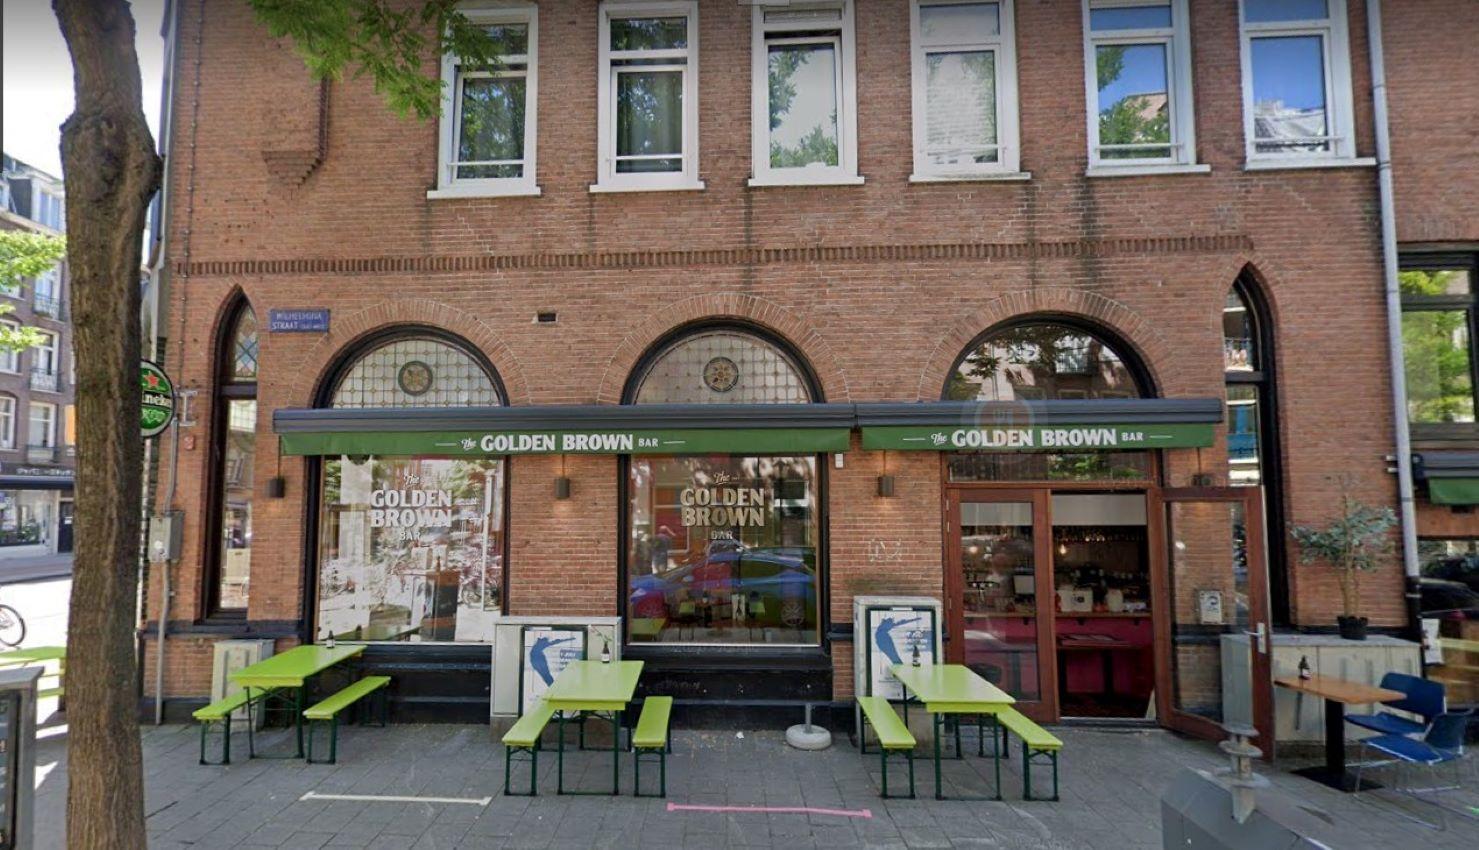 The Golden Brown Bar